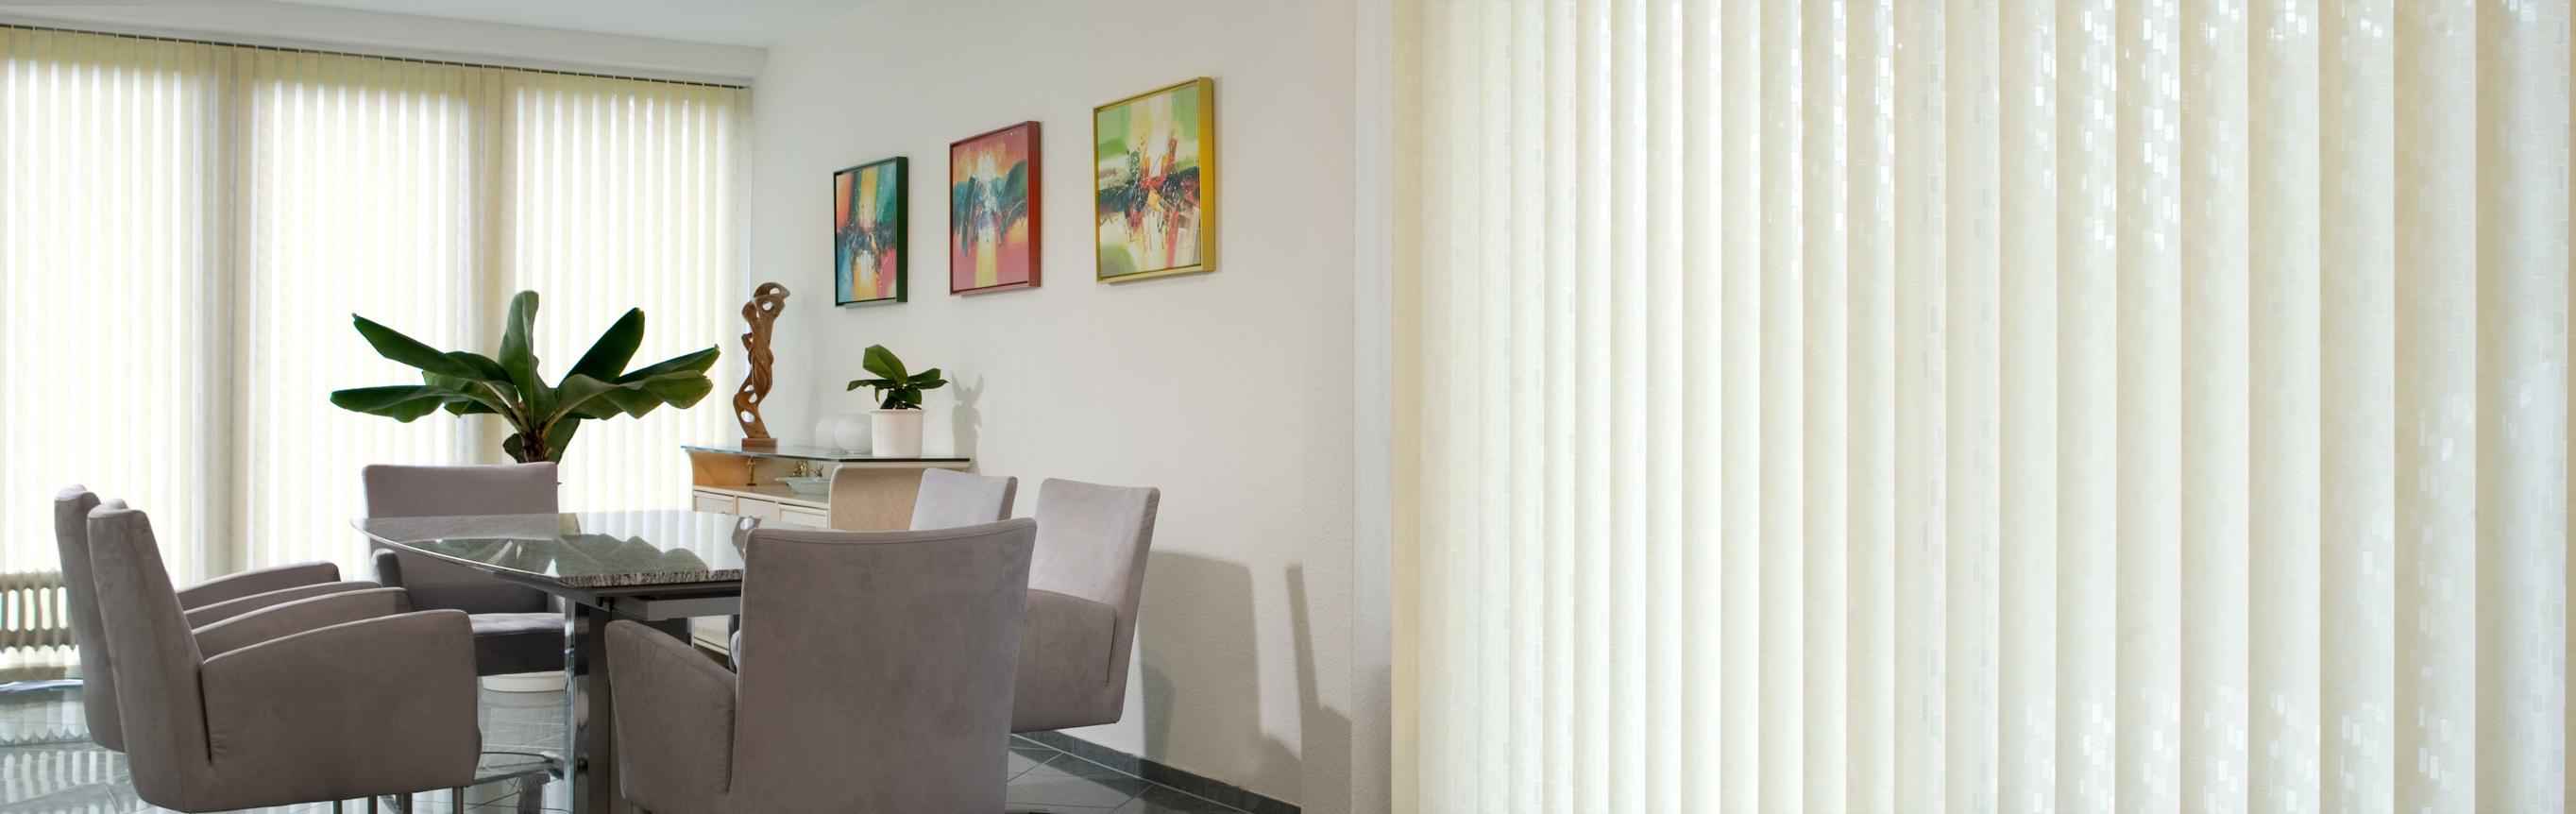 lamellenvorh nge f r senkrechte fenster. Black Bedroom Furniture Sets. Home Design Ideas